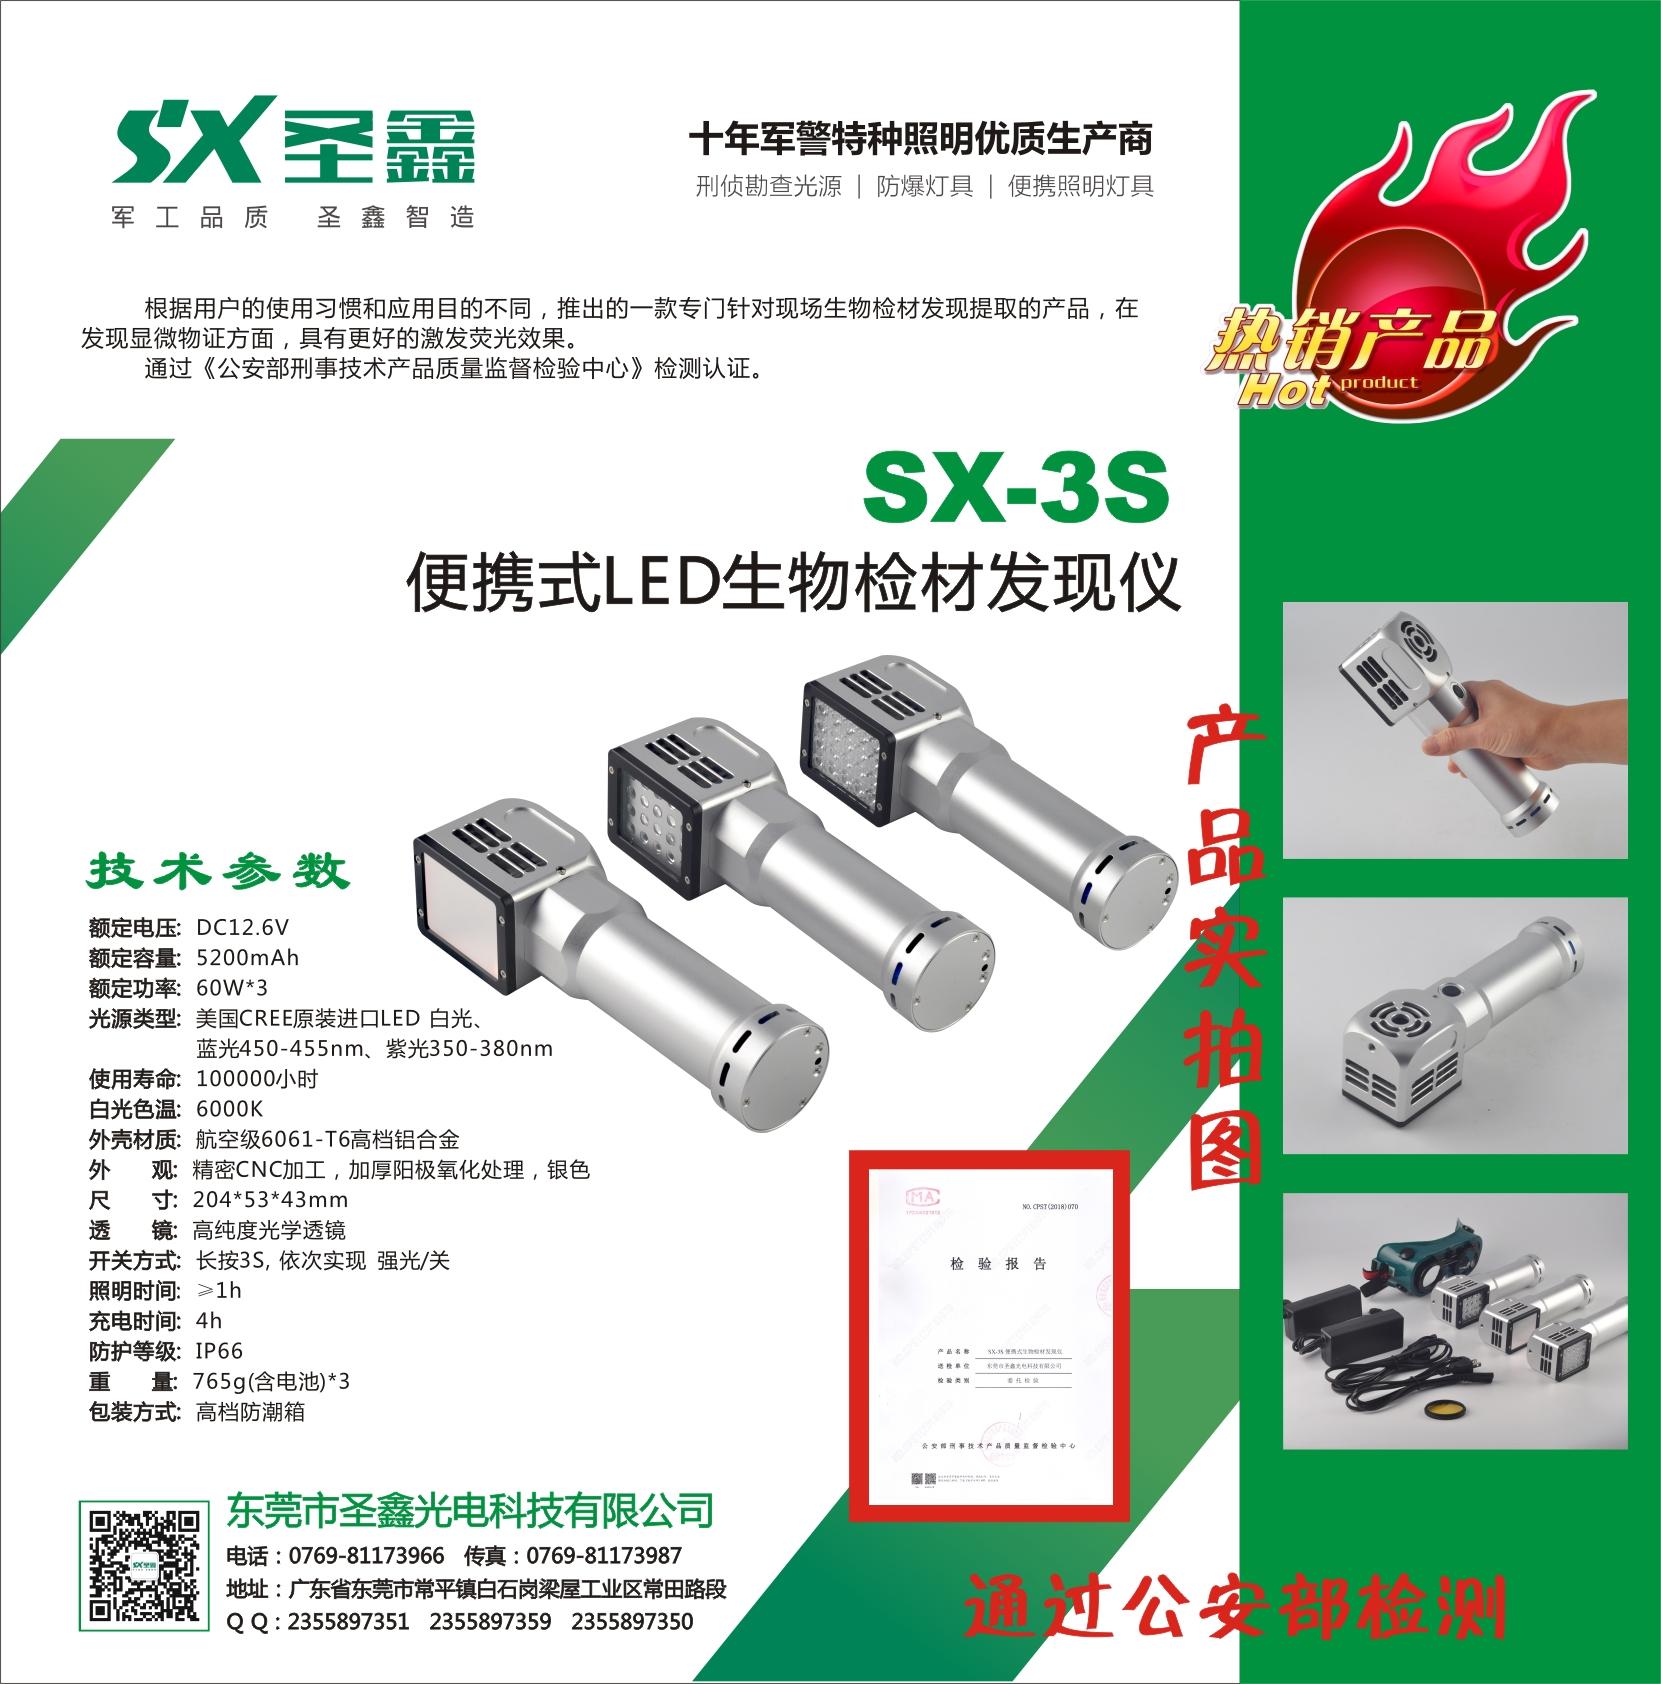 恭喜!圣鑫光电SX-3S便携式生物检材发现仪-通过公安部检测认证